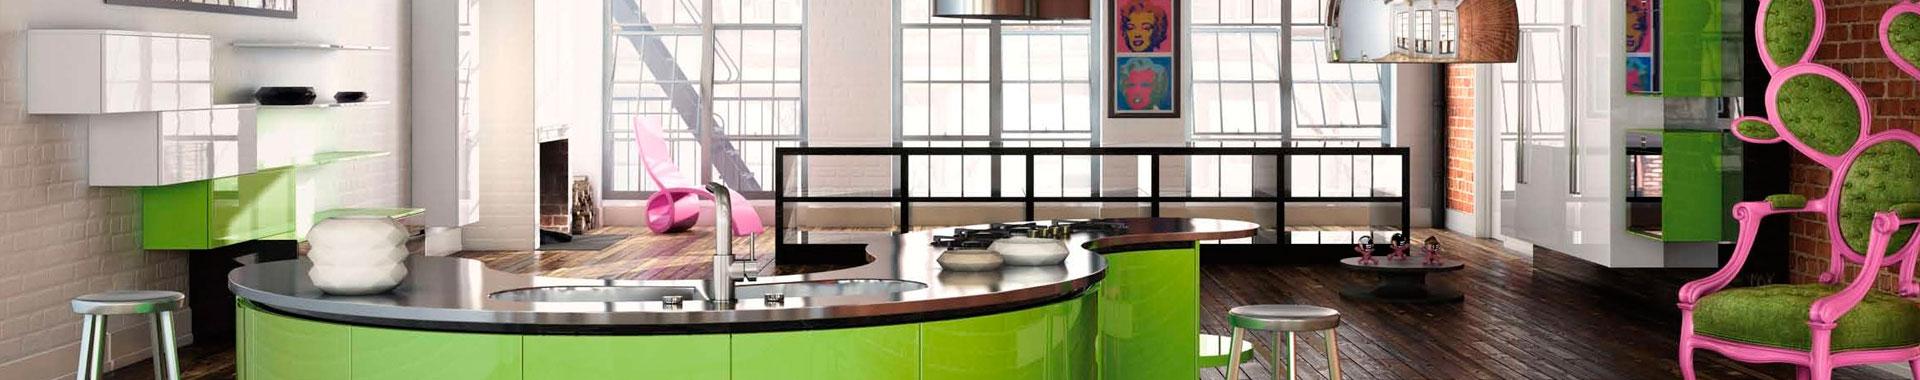 Итальянская мебель для кухни в Киеве